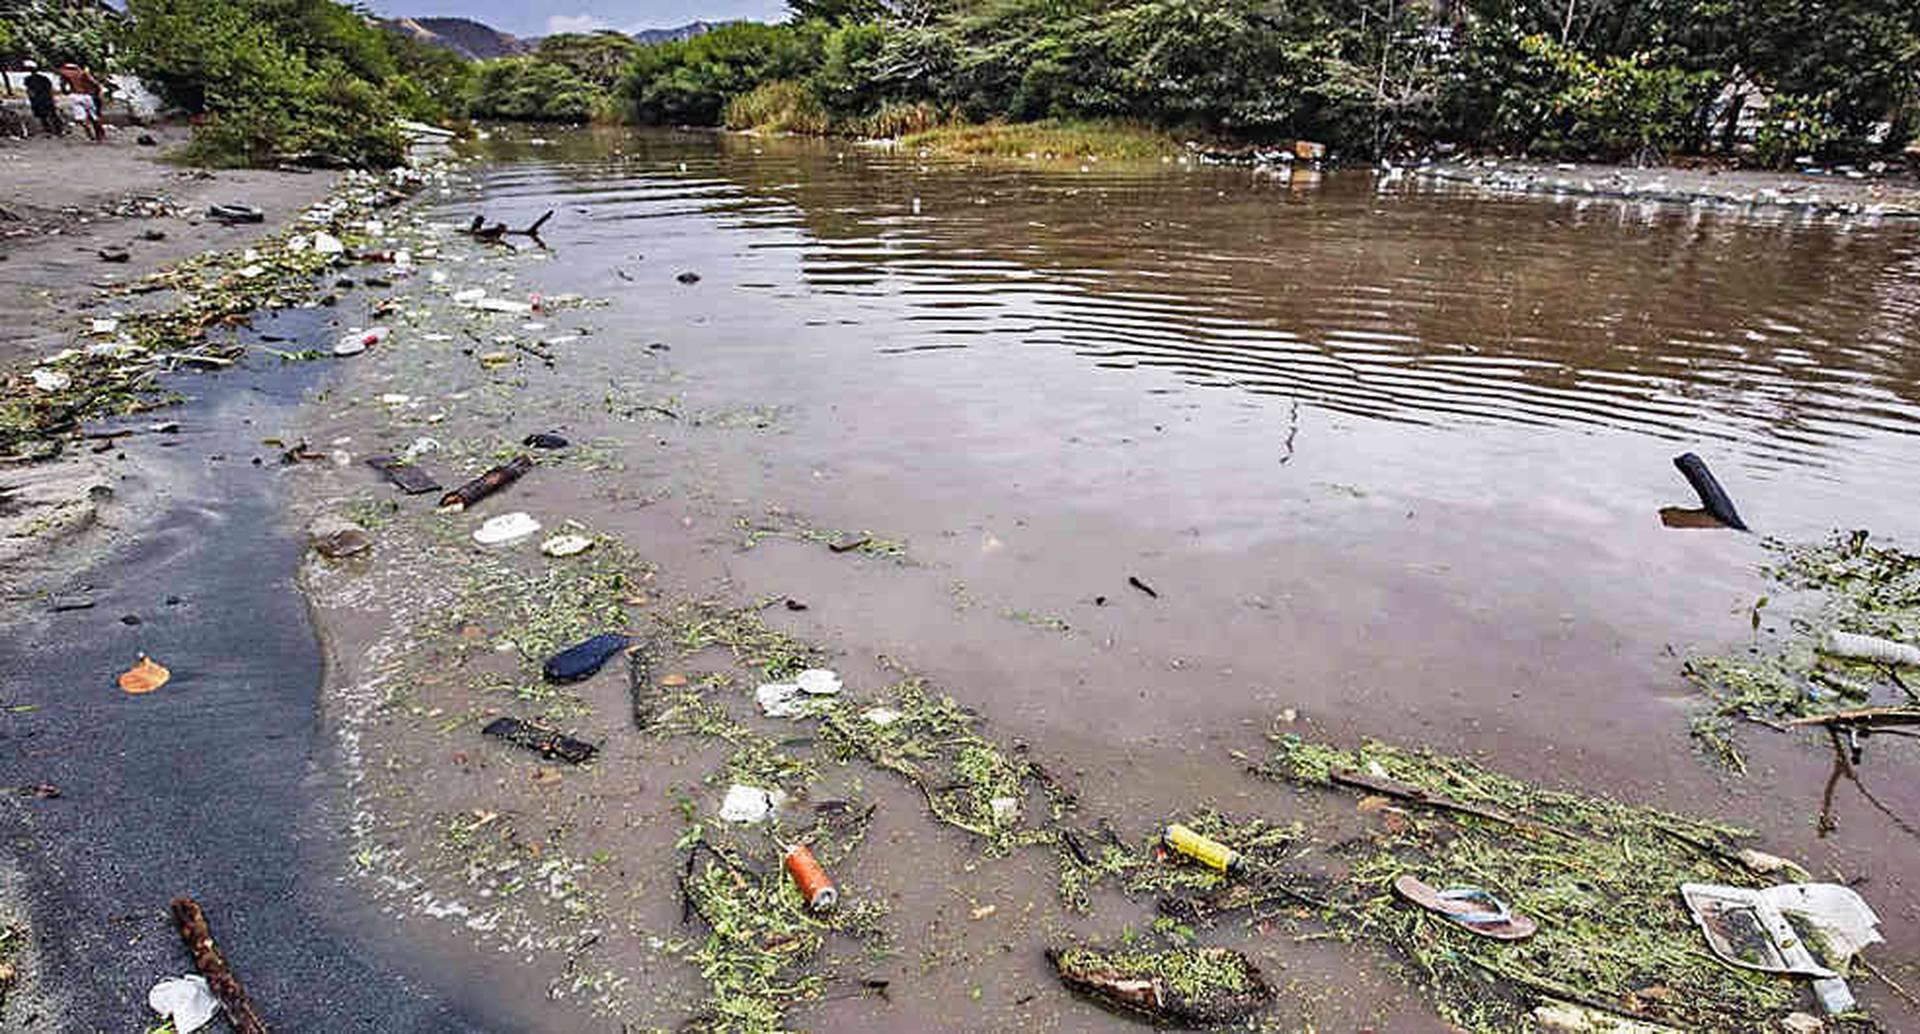 El río Manzanares arrastra las basuras de los habitantes de Santa Marta y sus alrededores. Eso ha llevado a que sus aguas tengan altos niveles de contaminación y sean impotables.